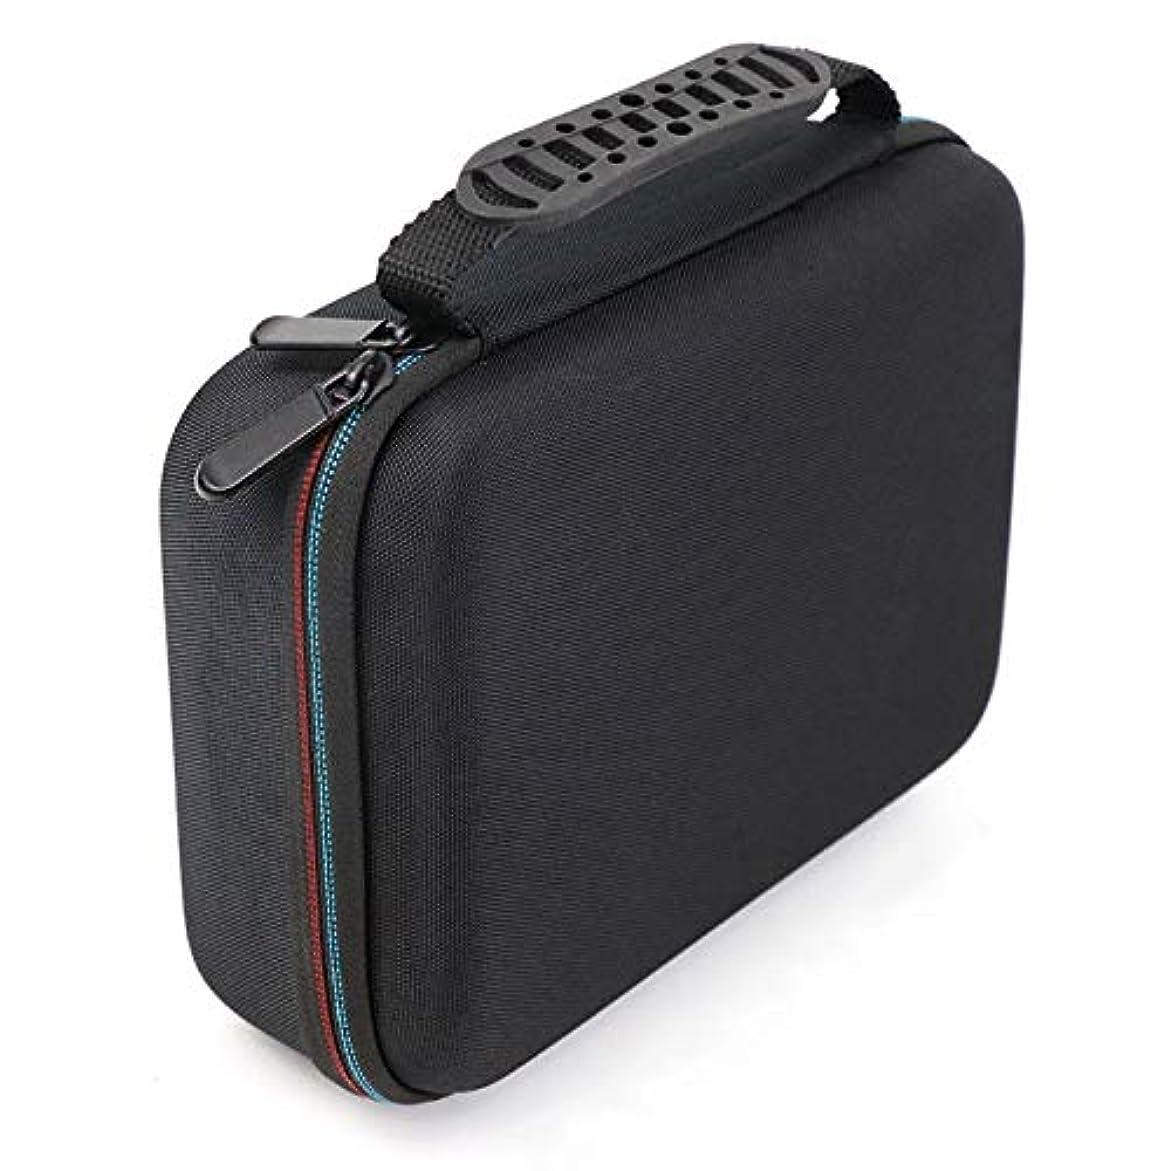 ケーブルカープレミアムあごSODIAL バリカンの収納ケース、携帯用ケース、耐衝撃バッグ、シェーバーのキット、Evaハードケース、収納バッグ、Mgk3020/3060/3080用